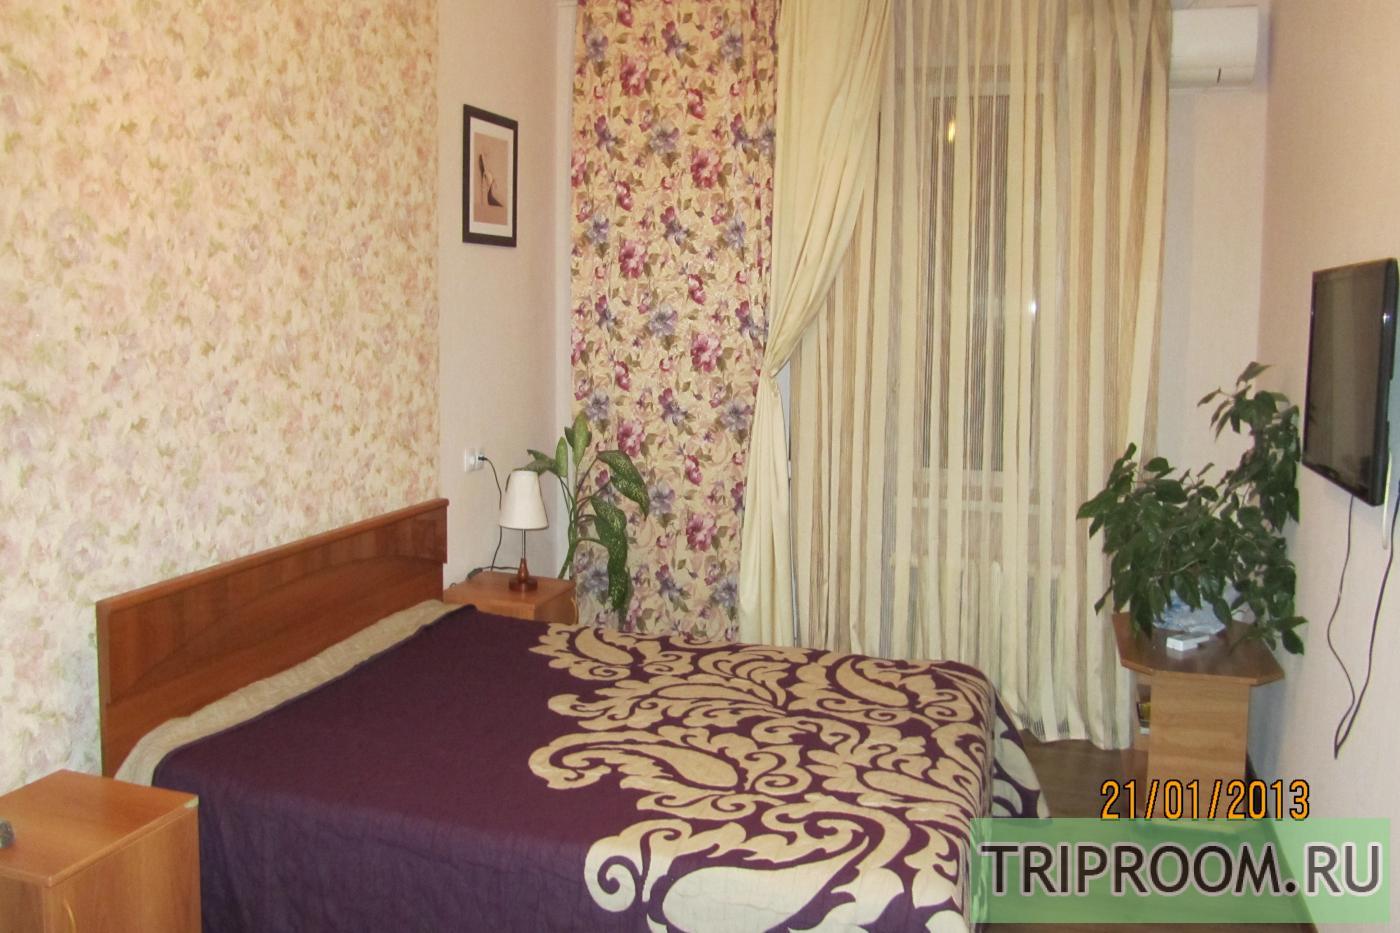 2-комнатная квартира посуточно (вариант № 2960), ул. Плехановская улица, фото № 2